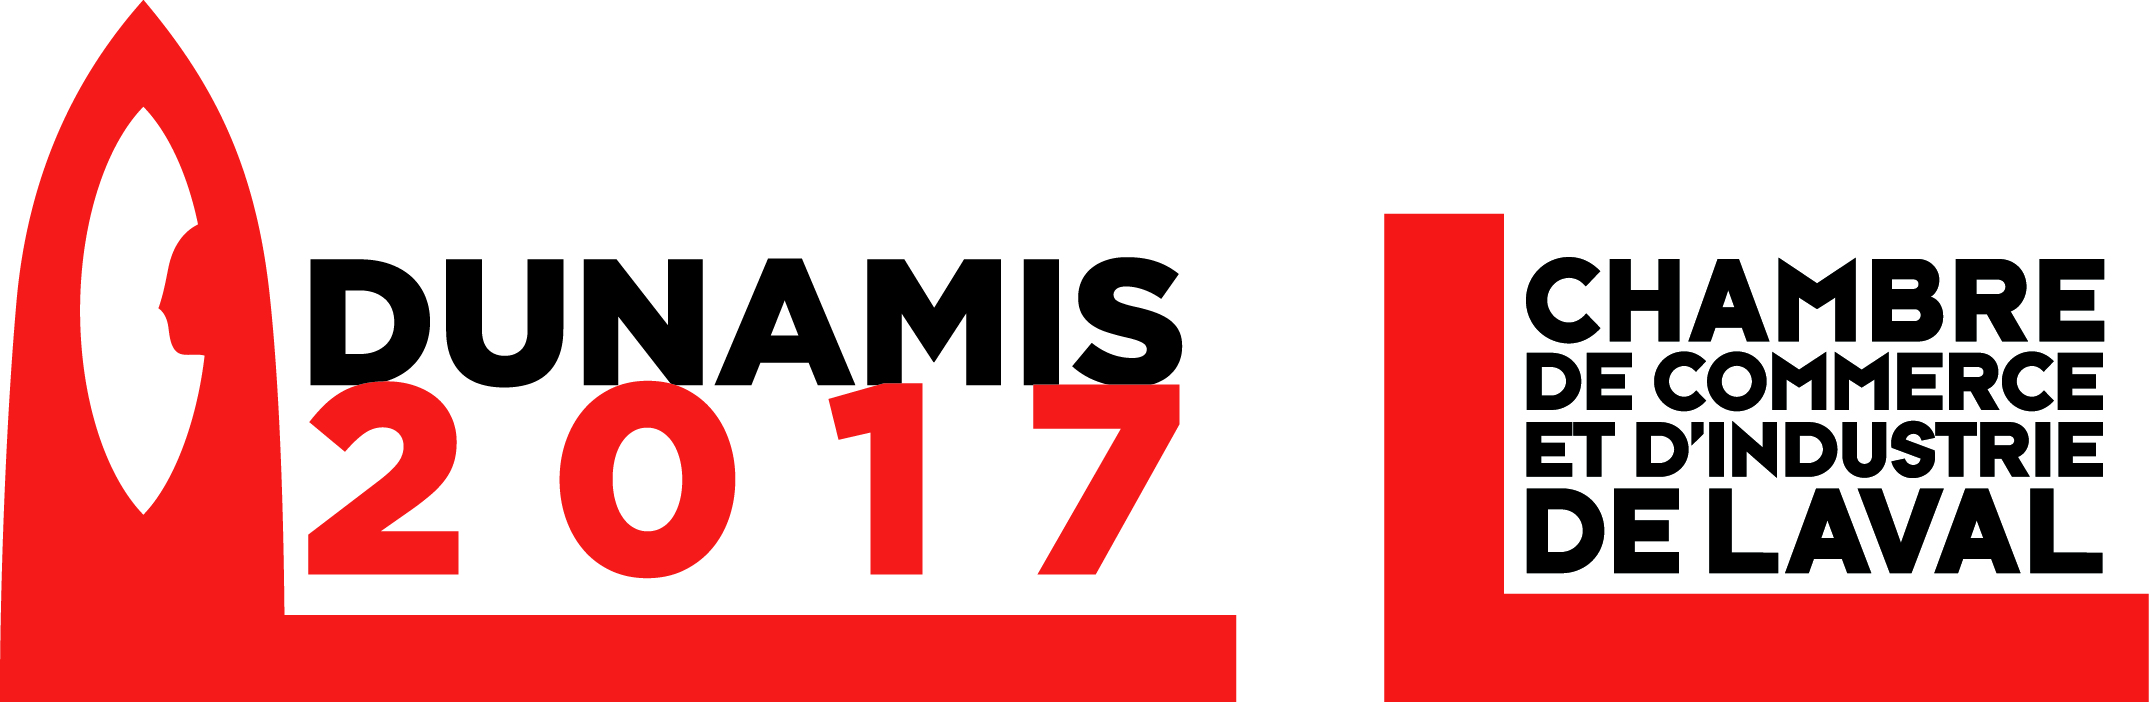 concours dunamis 2017 et les laur ats sont chambre de